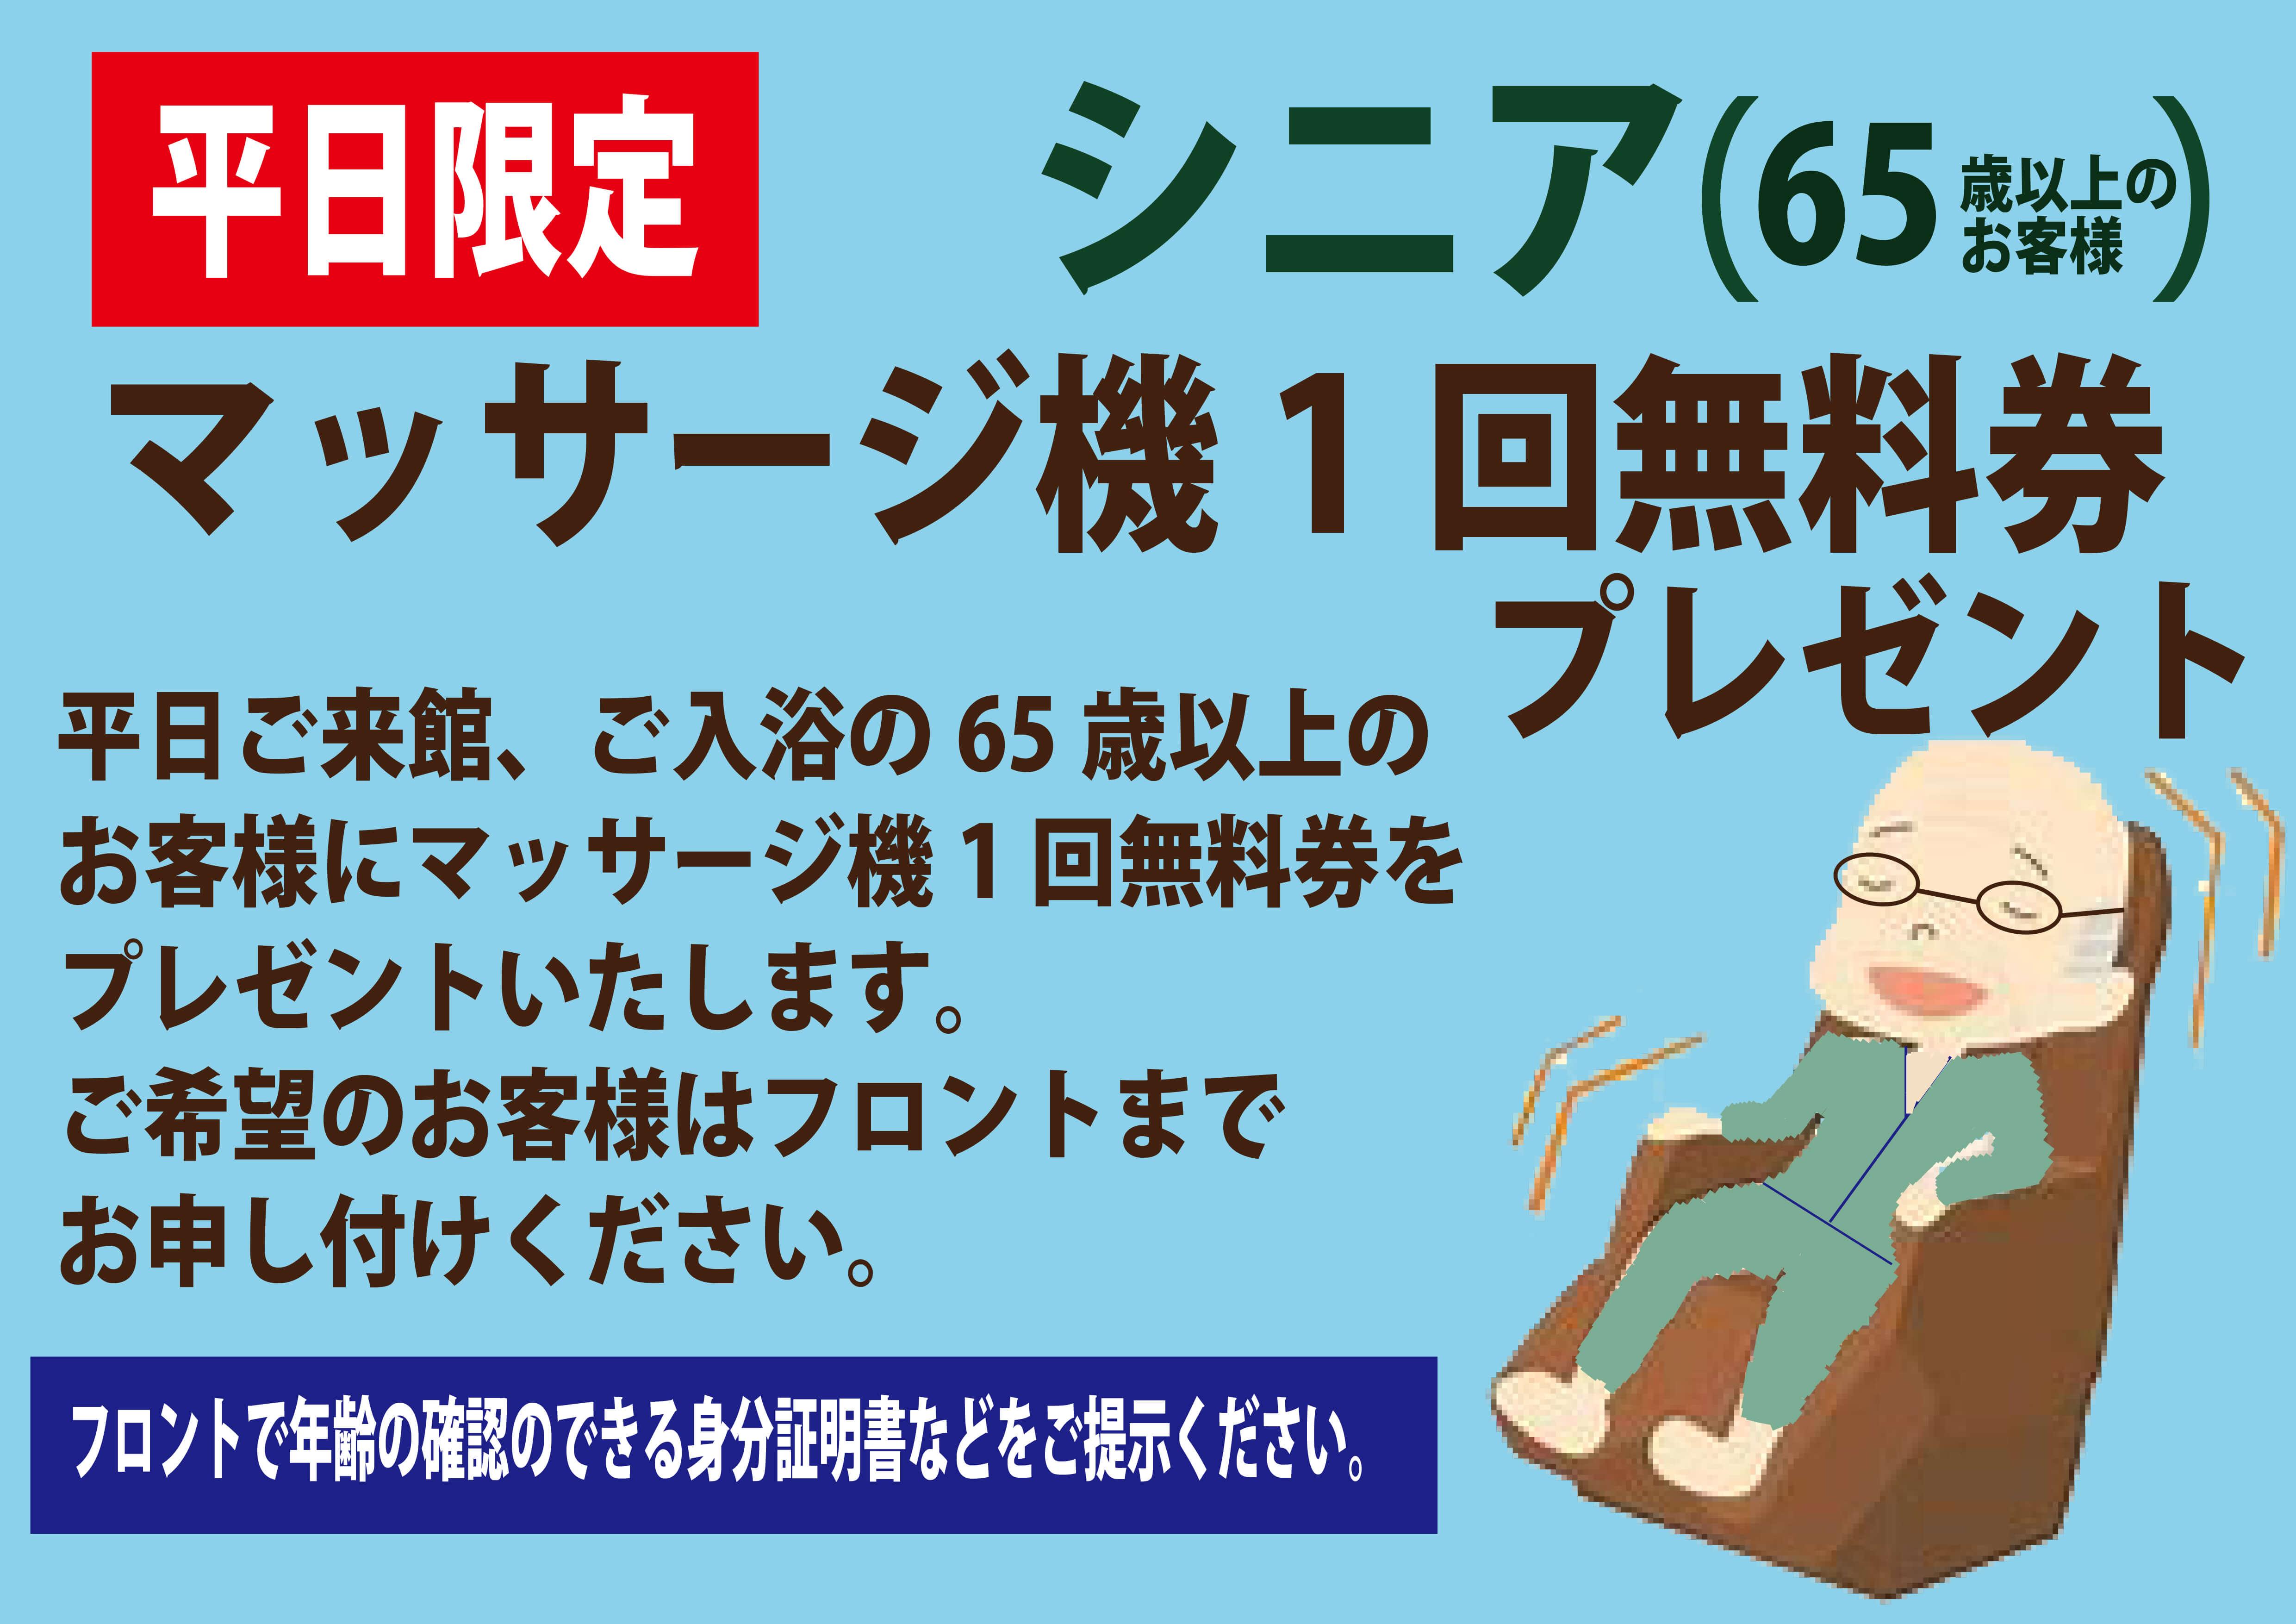 《平日限定》マッサージ機1回無料券プレゼント(65歳以上対象)